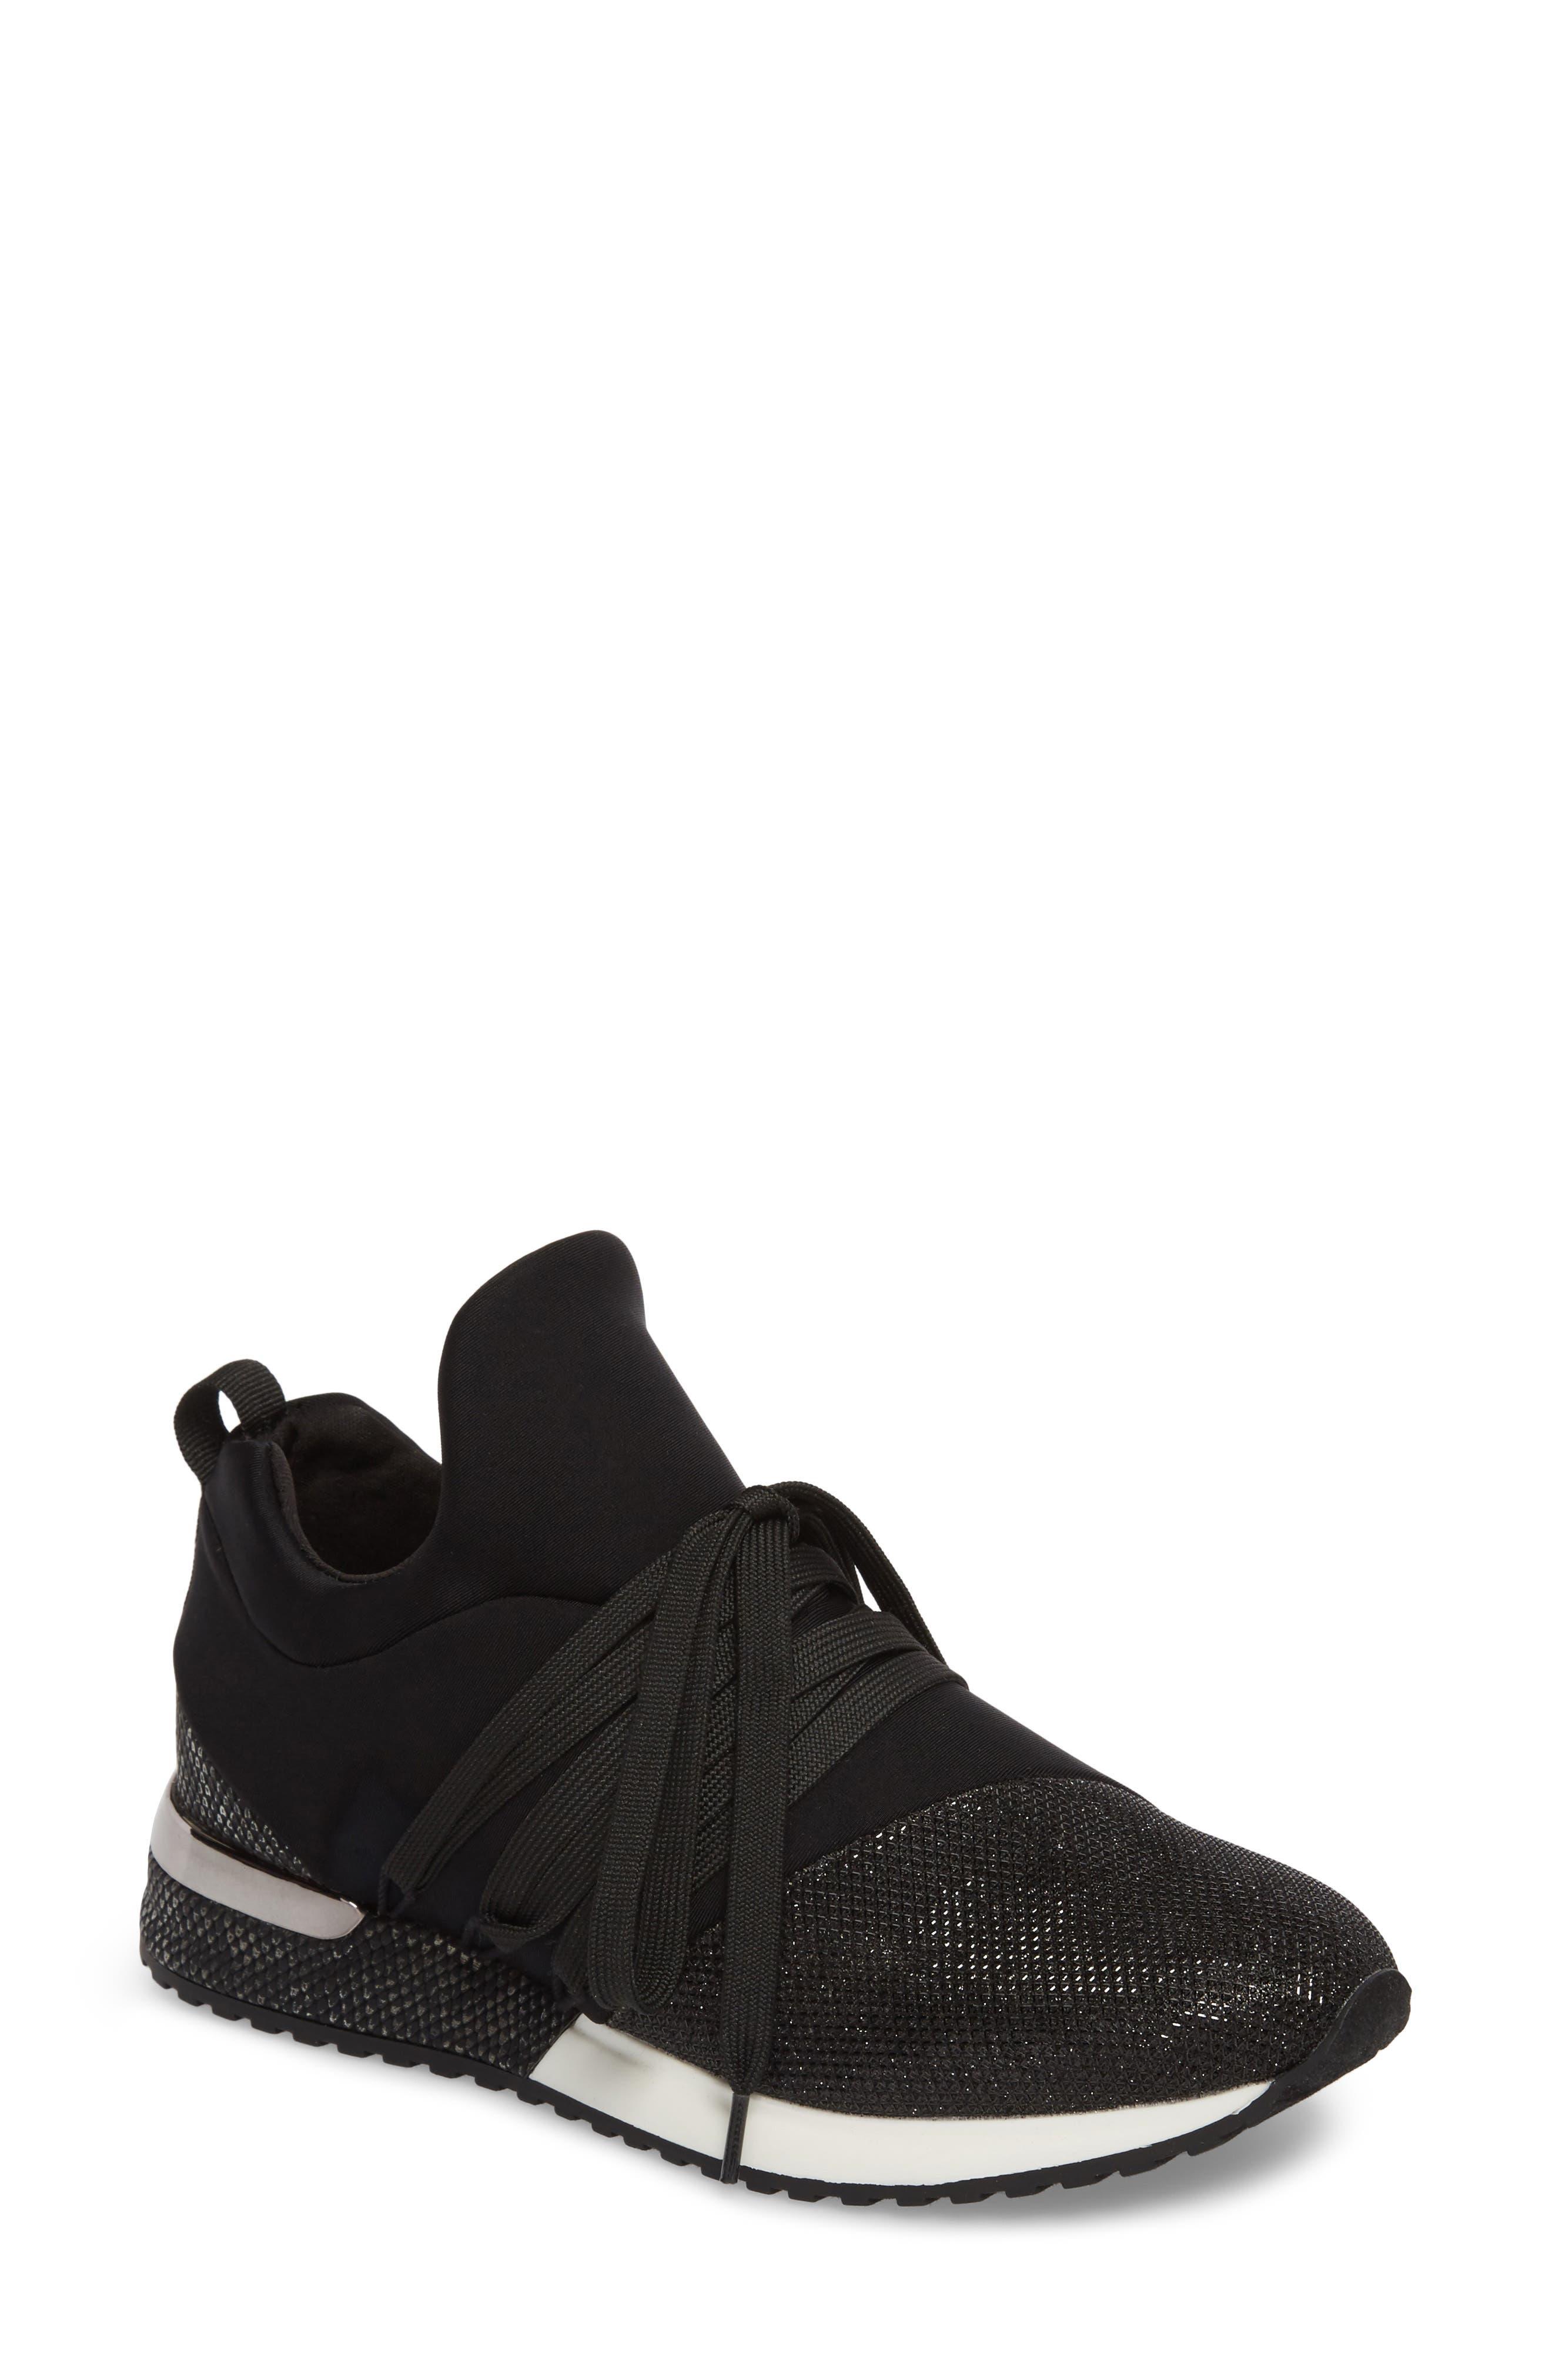 Zorro Sneaker,                         Main,                         color, Black Fabric